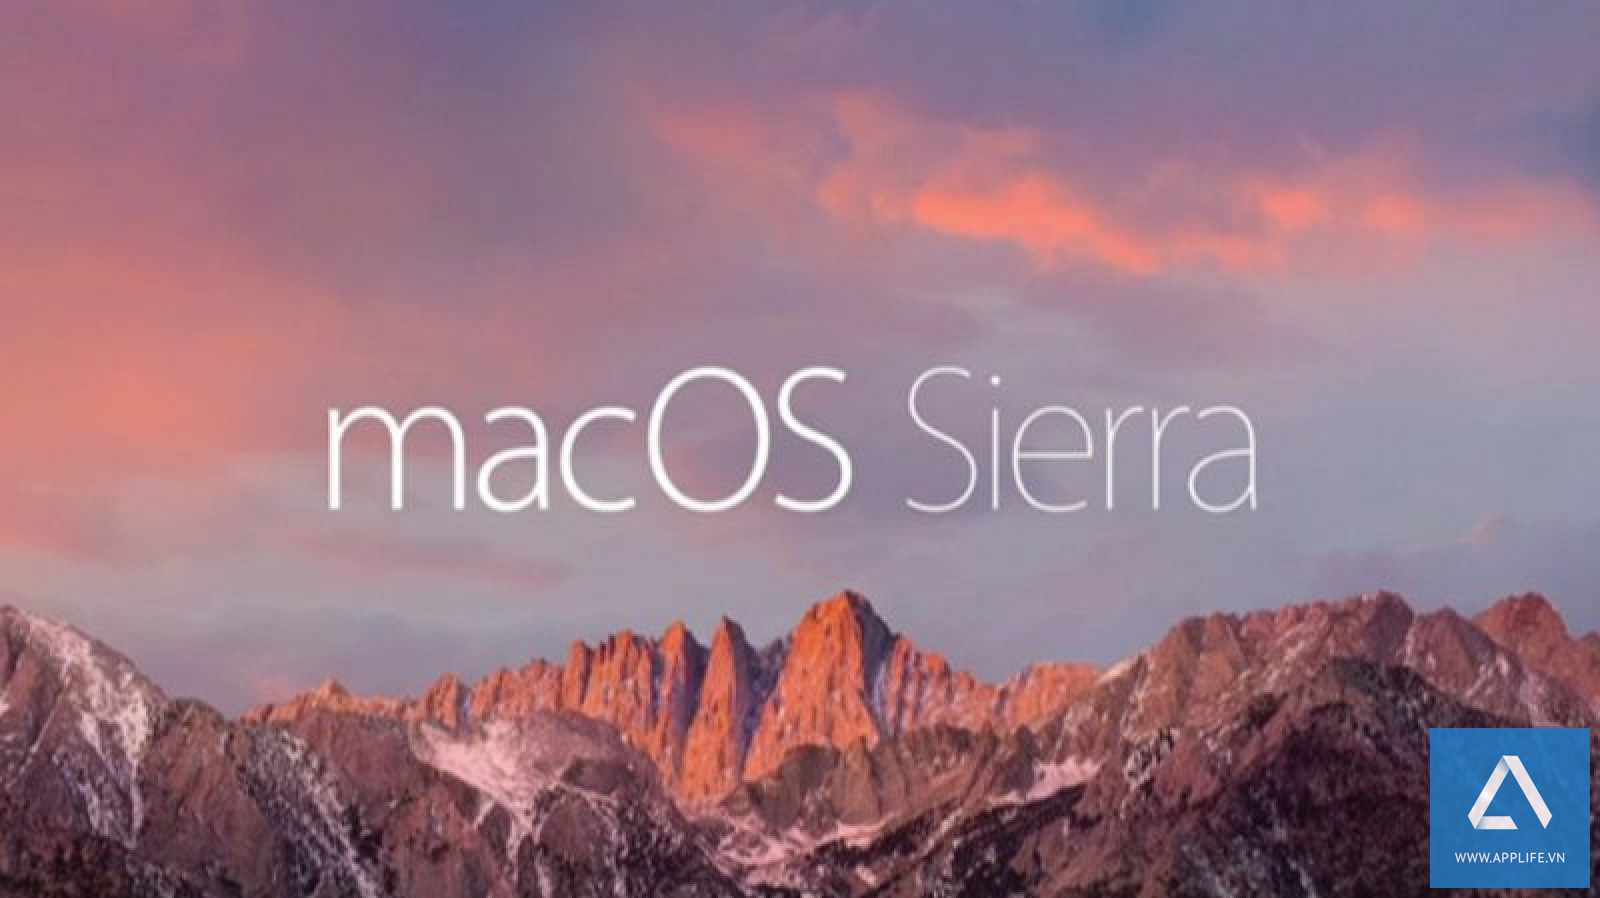 macOS Sierra 10.12